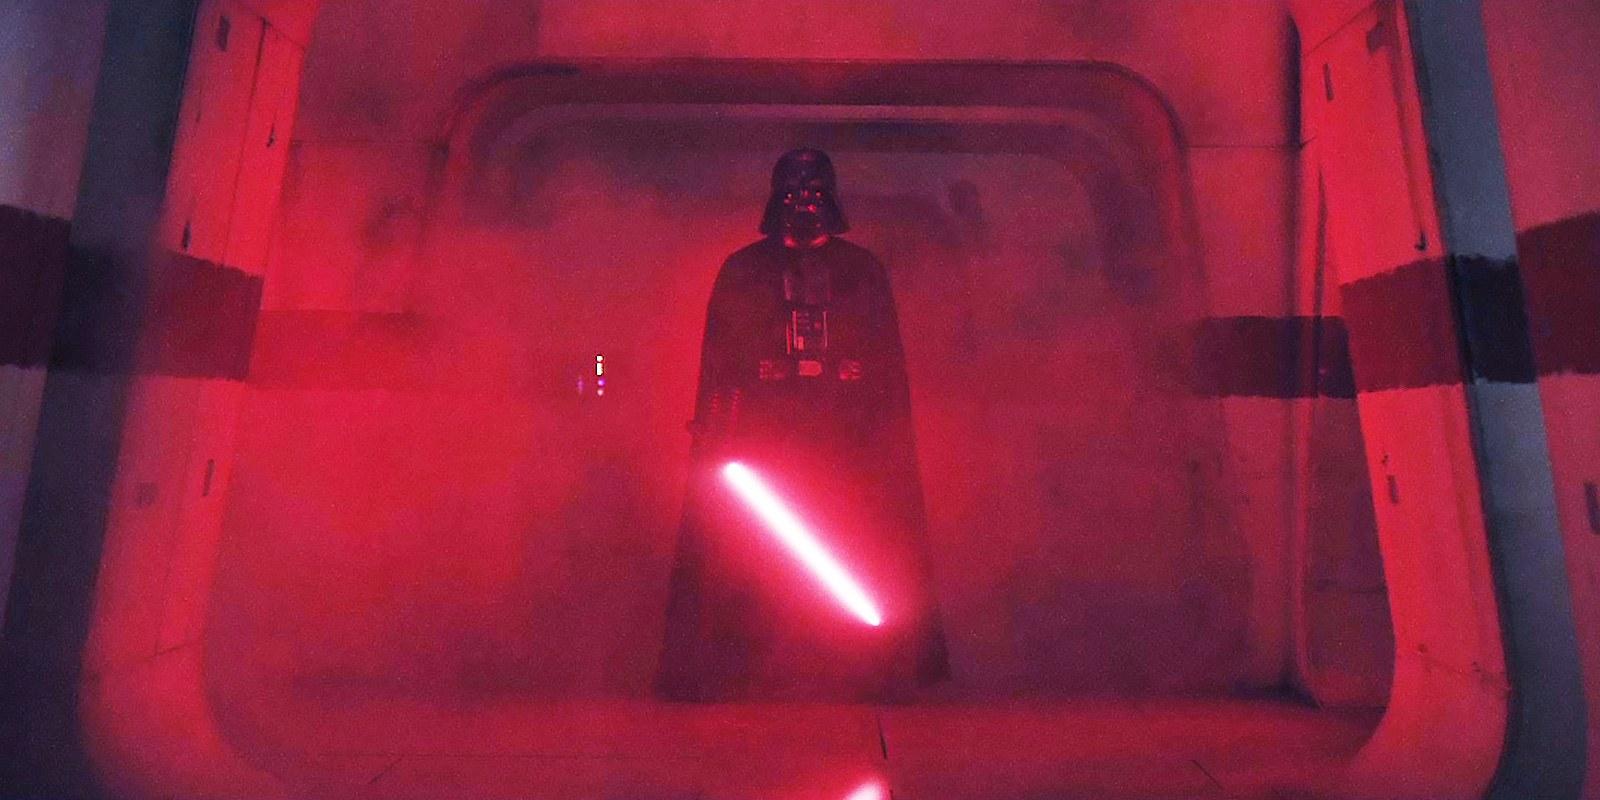 Det bästa som kan hända för ett Star Wars-fan. Och det värsta som kan hända om du är en rebellsoldat. Foto: Disney Studios Motion Pictures.